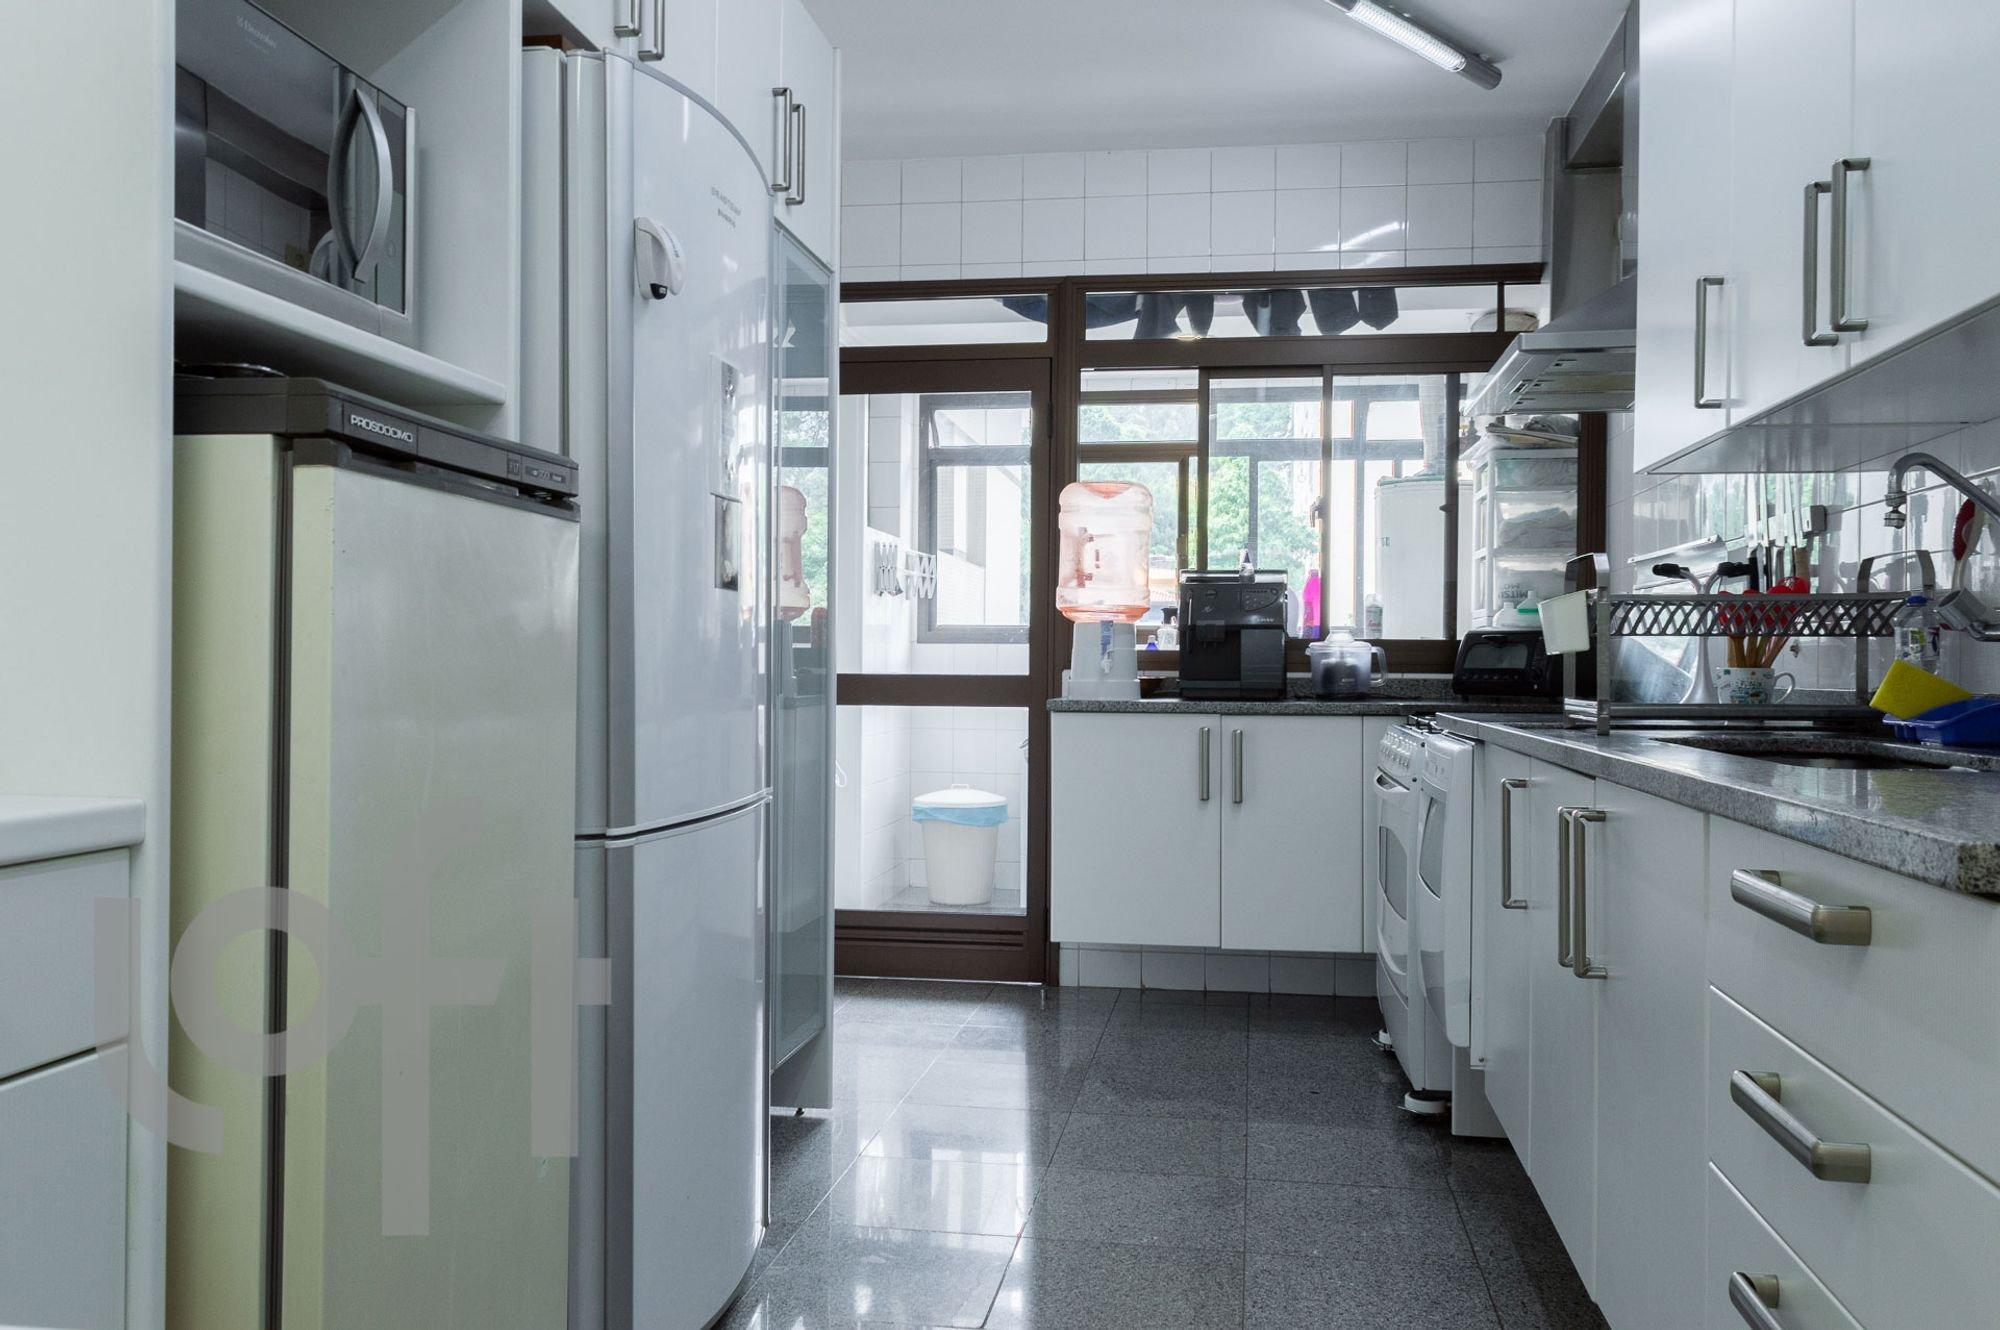 Foto de Cozinha com geladeira